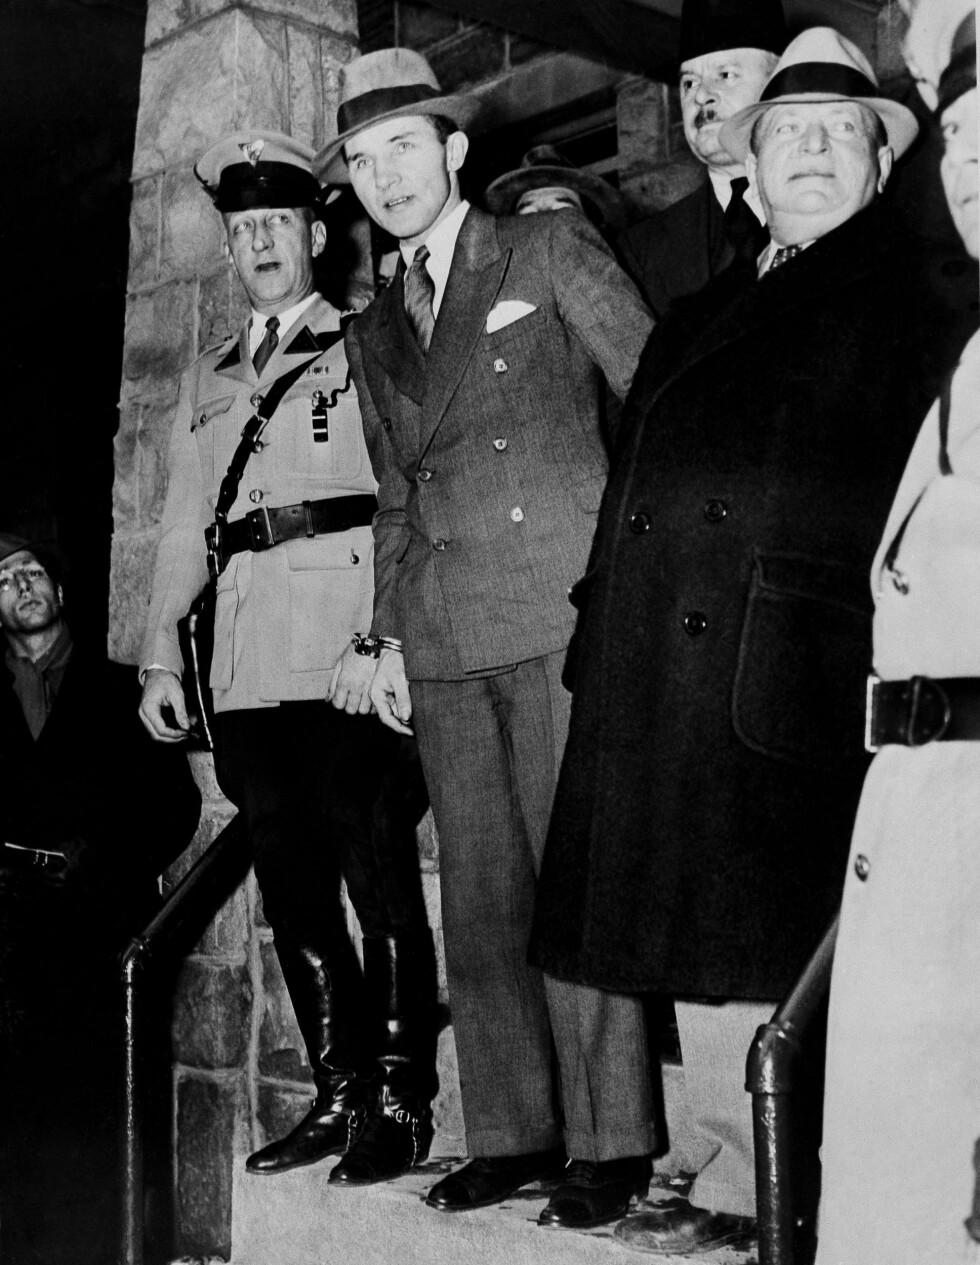 DØMT TIL DØDEN: Sheriff John H. Curtiss (t.h.) geleidet Bruno Richard Hauptmann ut av Flemington-fengselet for å overføres til Trenton, hvor han skulle være frem til henrettelsen 3. april 1936. Foto: NTB Scanpix